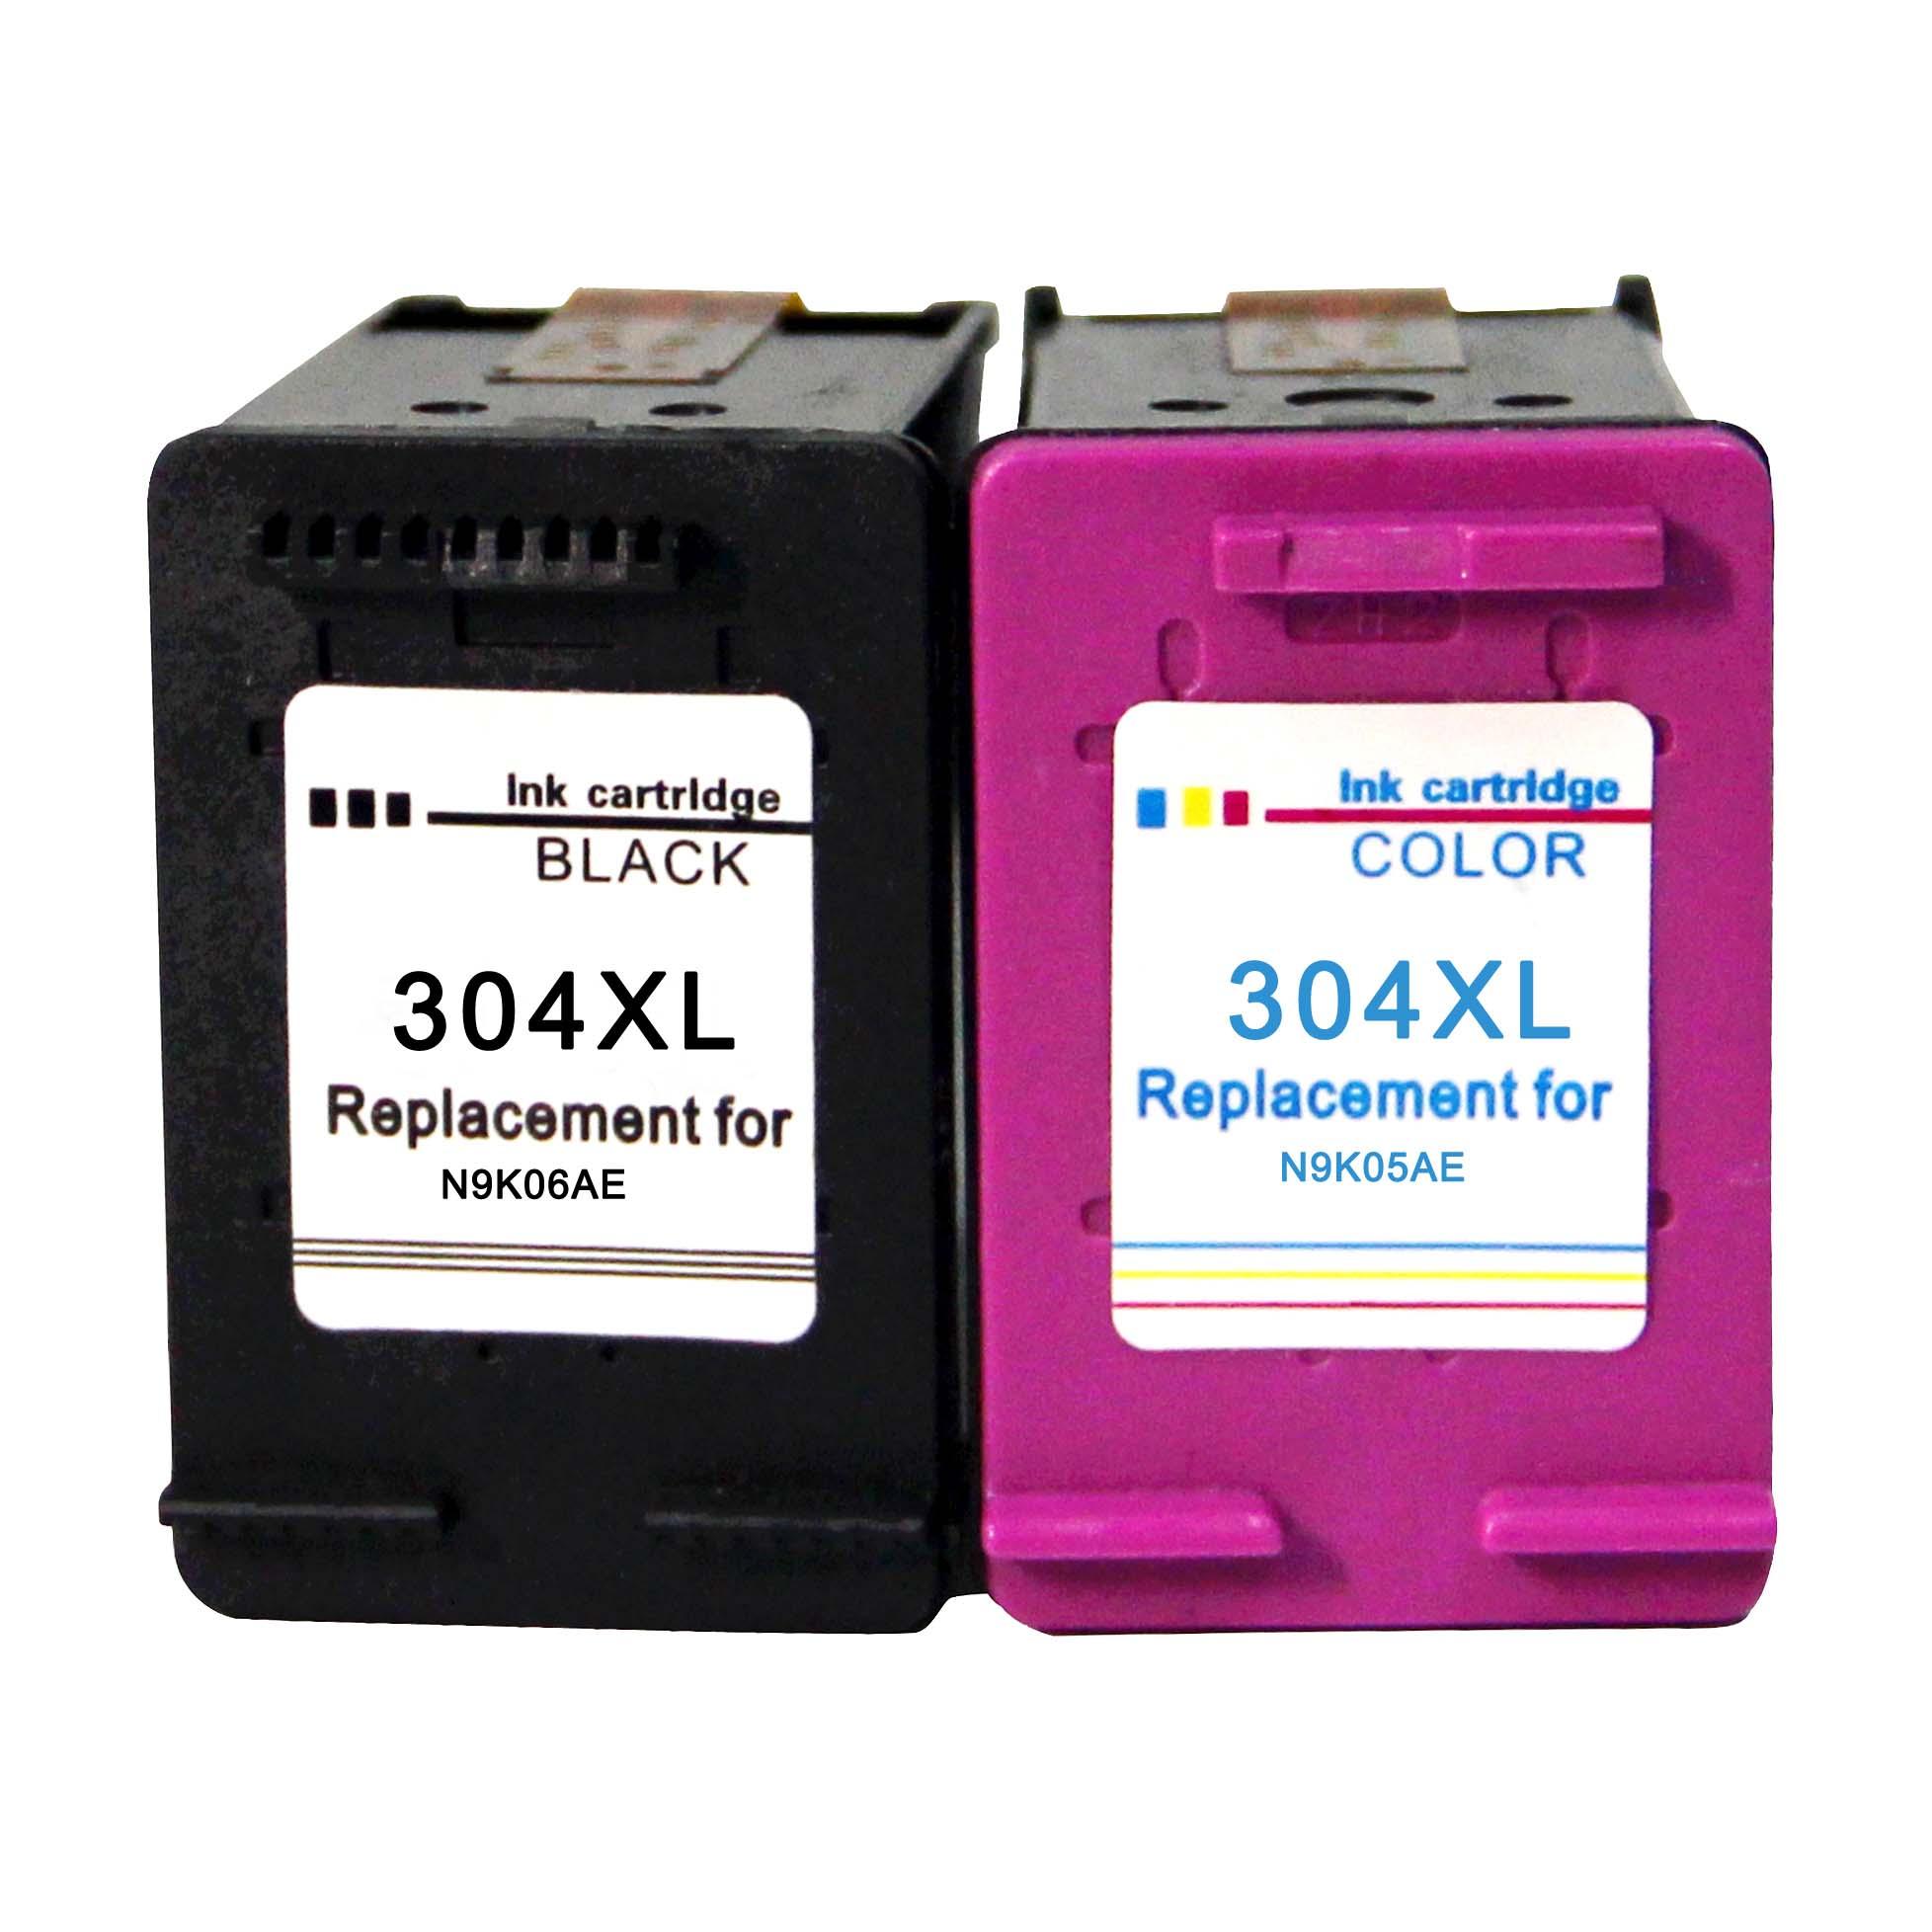 Восстановленный чернильный картридж HP 304 XL для принтера HP 304 для принтера HP Deskjet 2620 2622 2630 2632 2633 2634 3730 3750